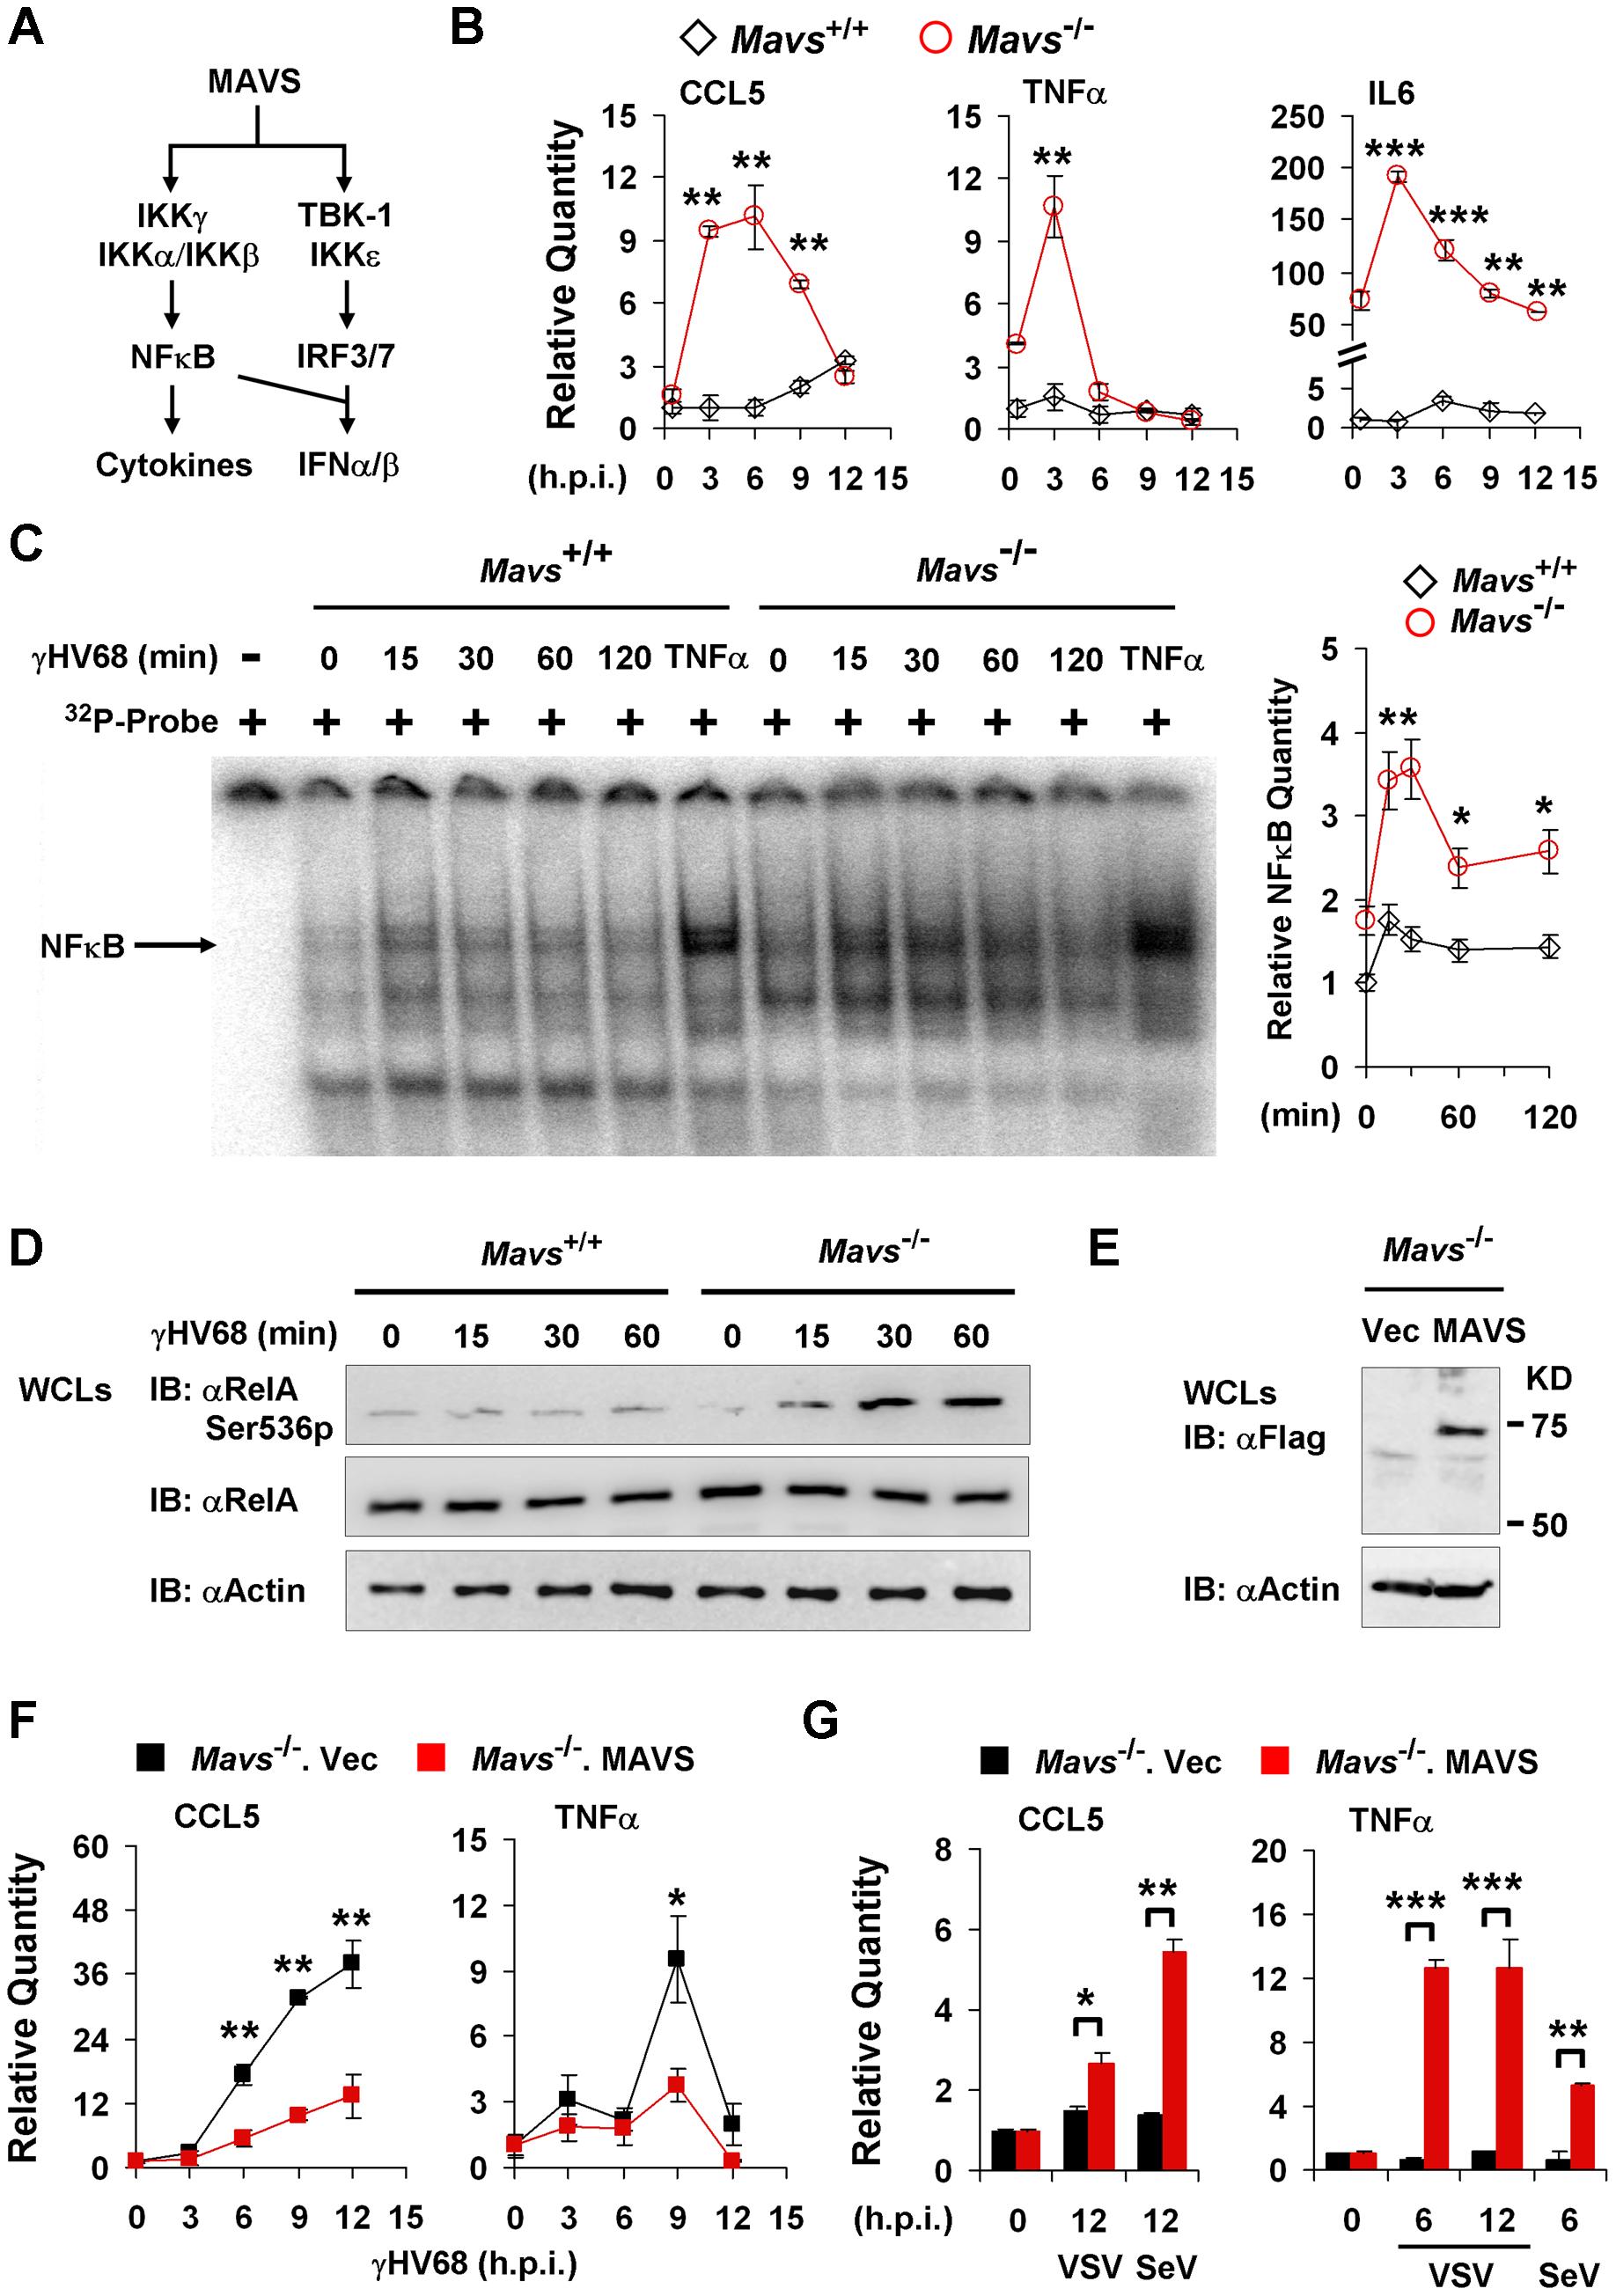 γHV68 abrogates NFκB activation in a MAVS-dependent manner.